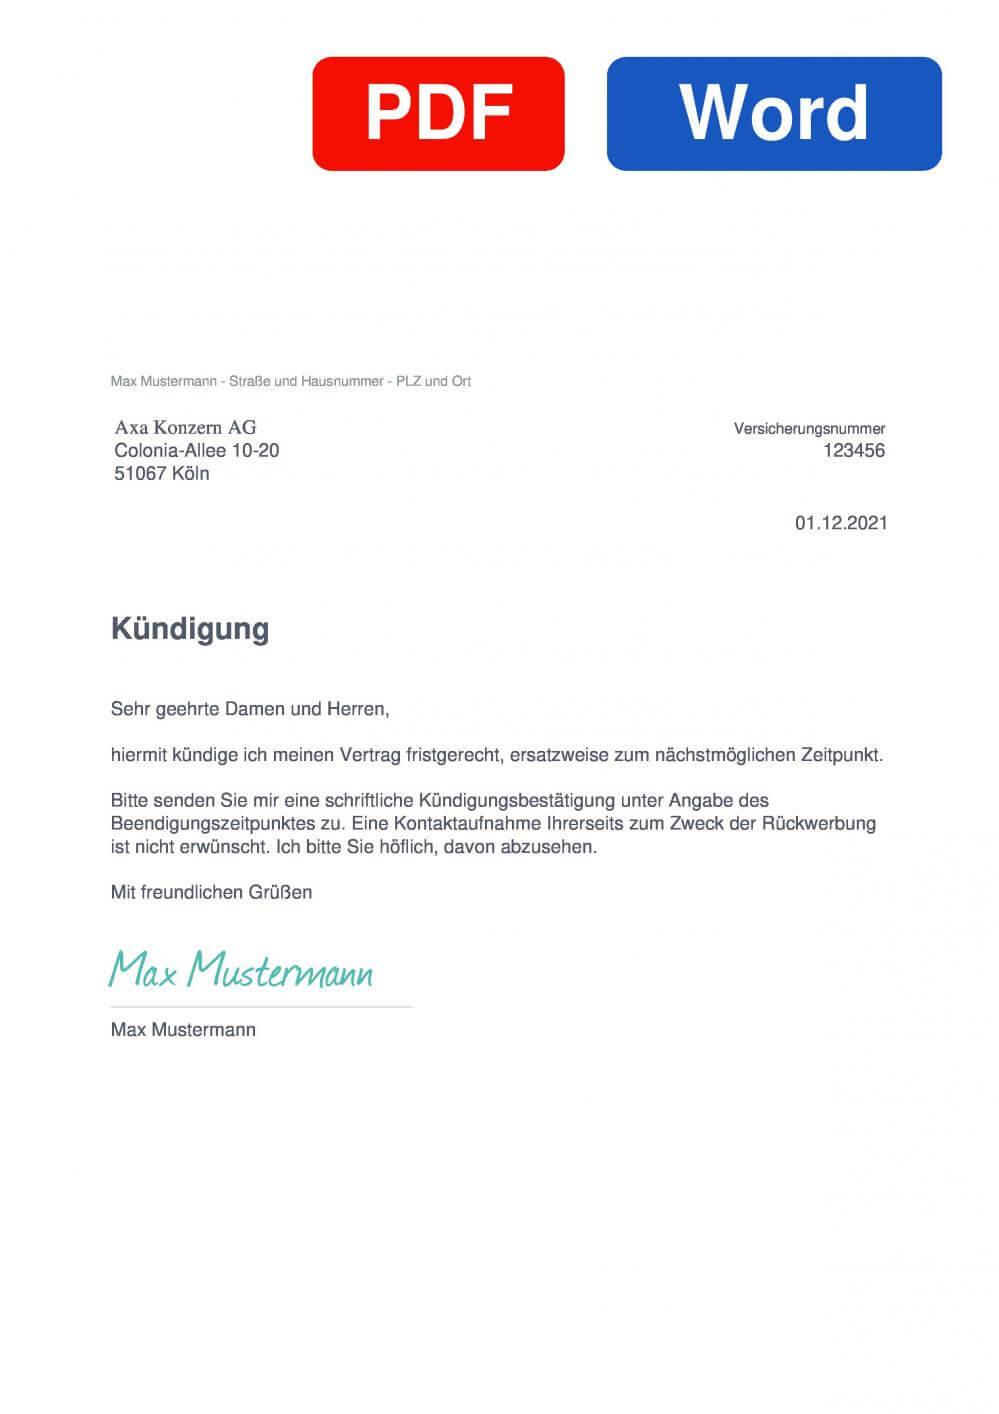 Axa Riesterrente Muster Vorlage für Kündigungsschreiben